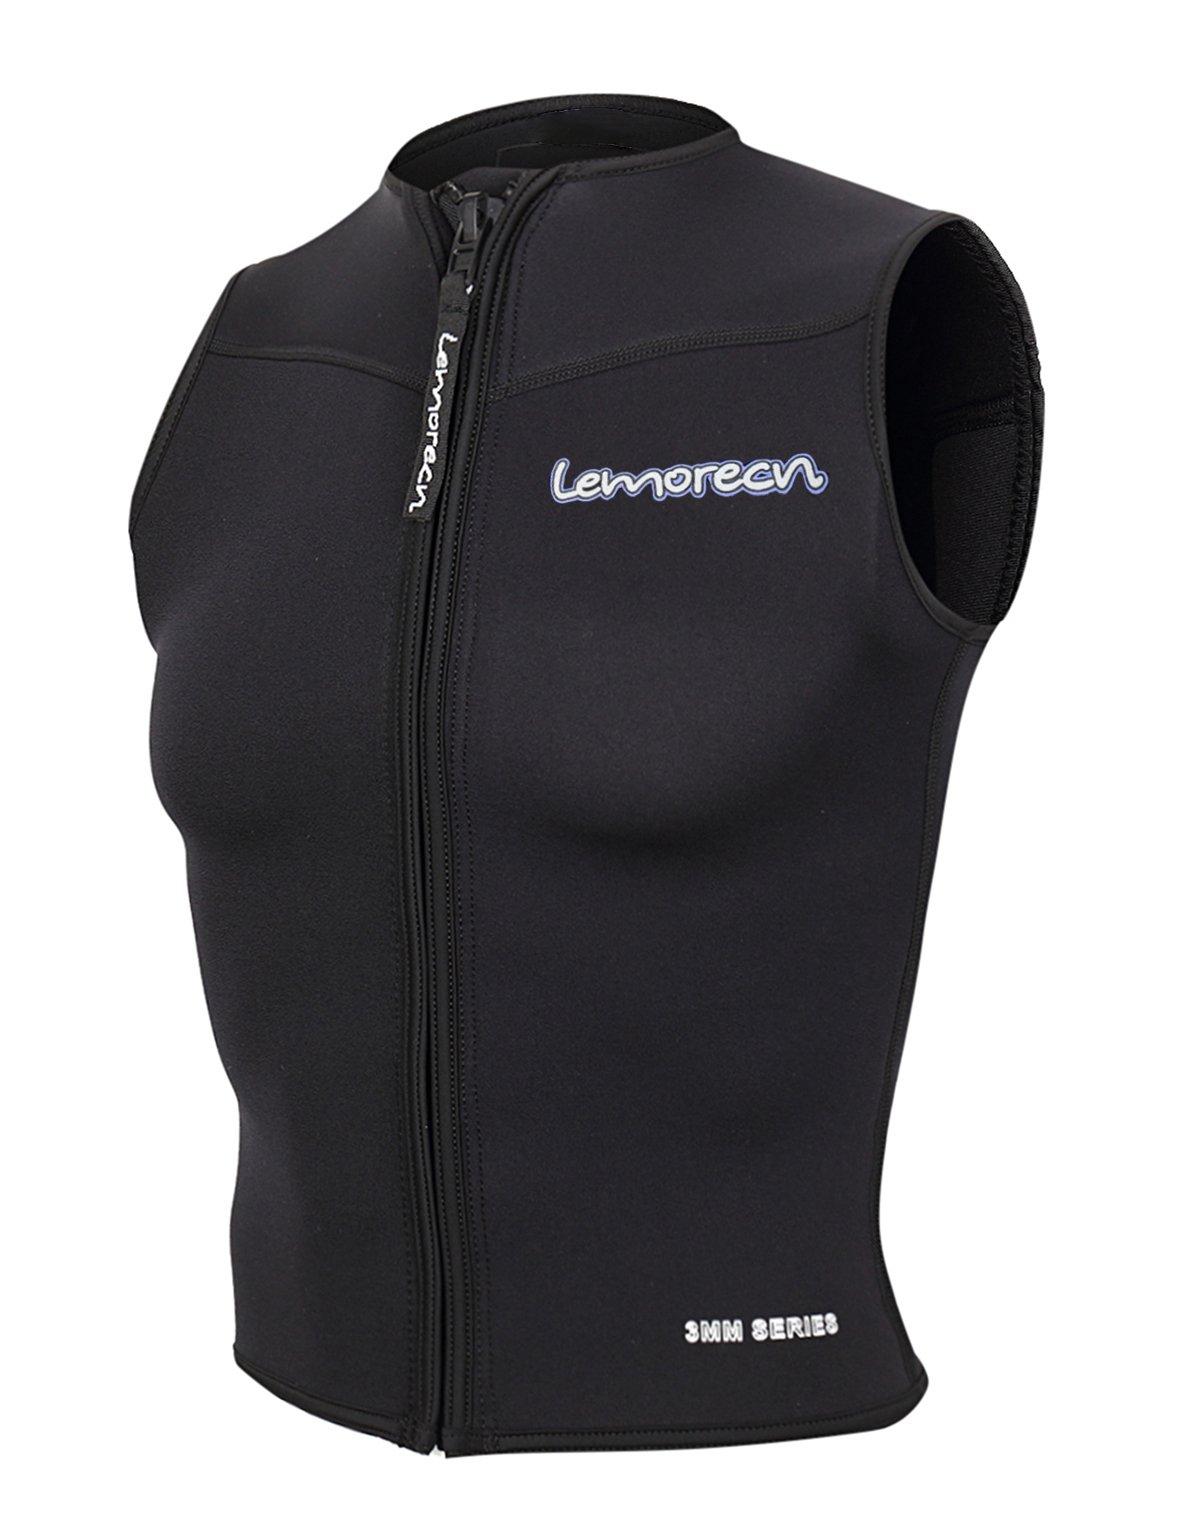 Lemorecn Women Wetsuits Top Premium Neoprene 3mm Zipper Diving Vest (2097black10)